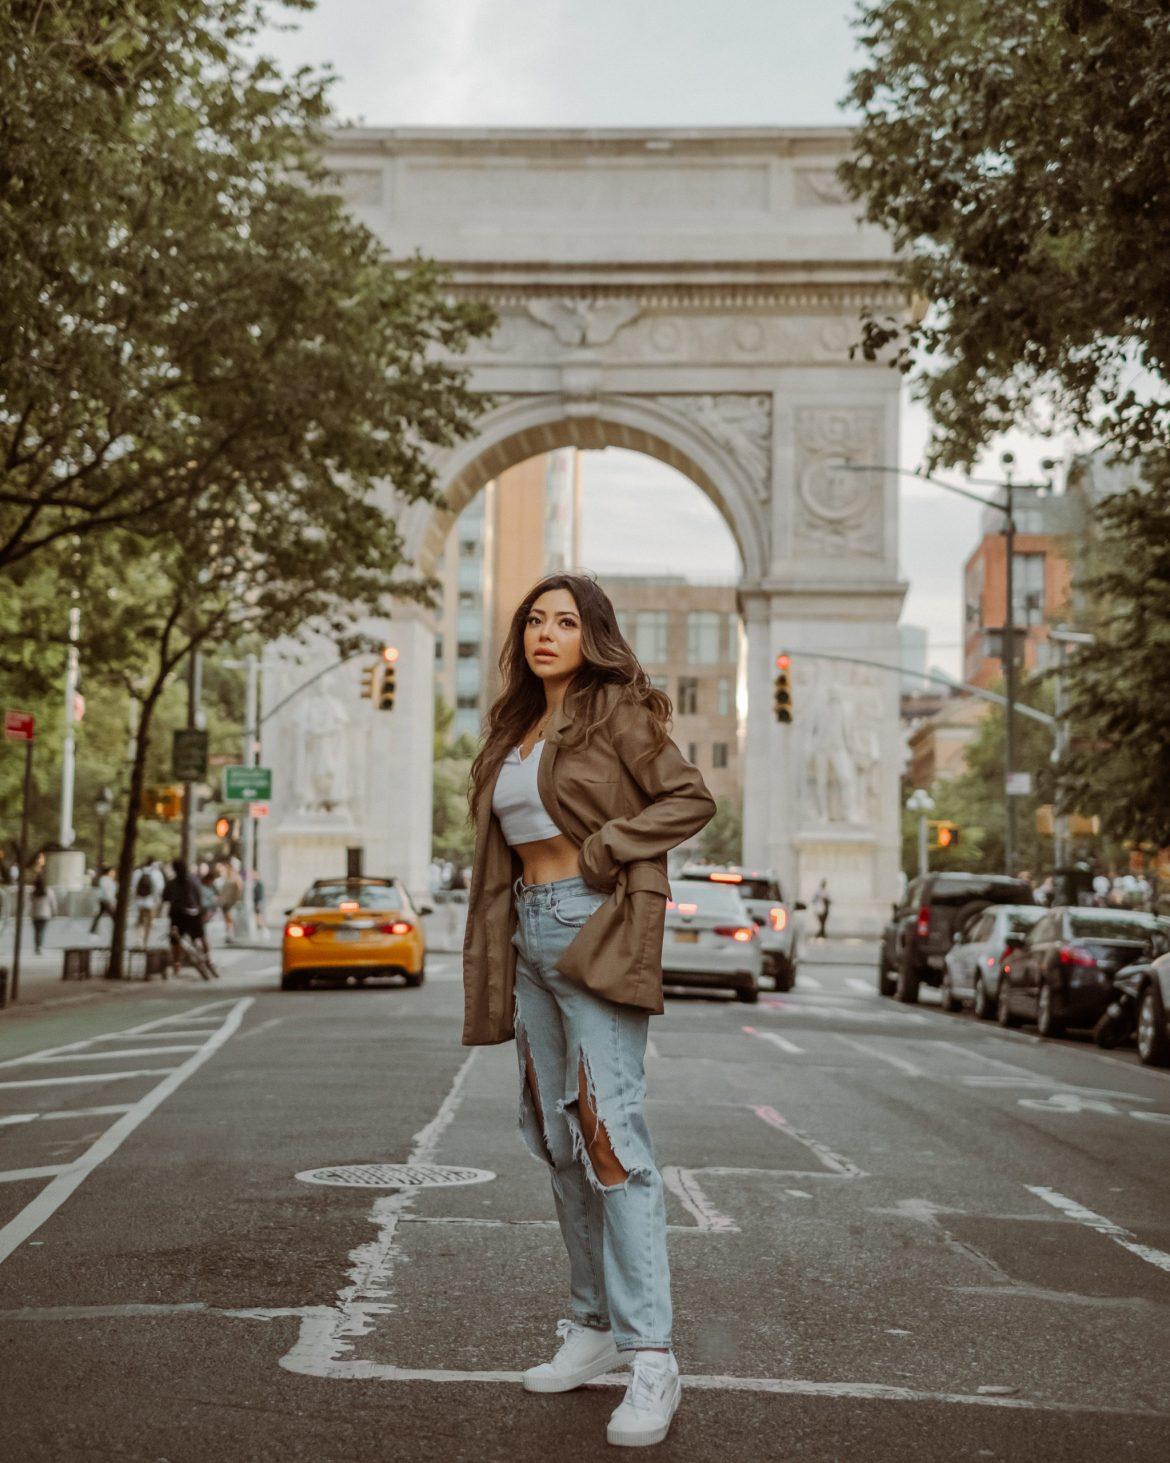 Washington Square Park photoshoot